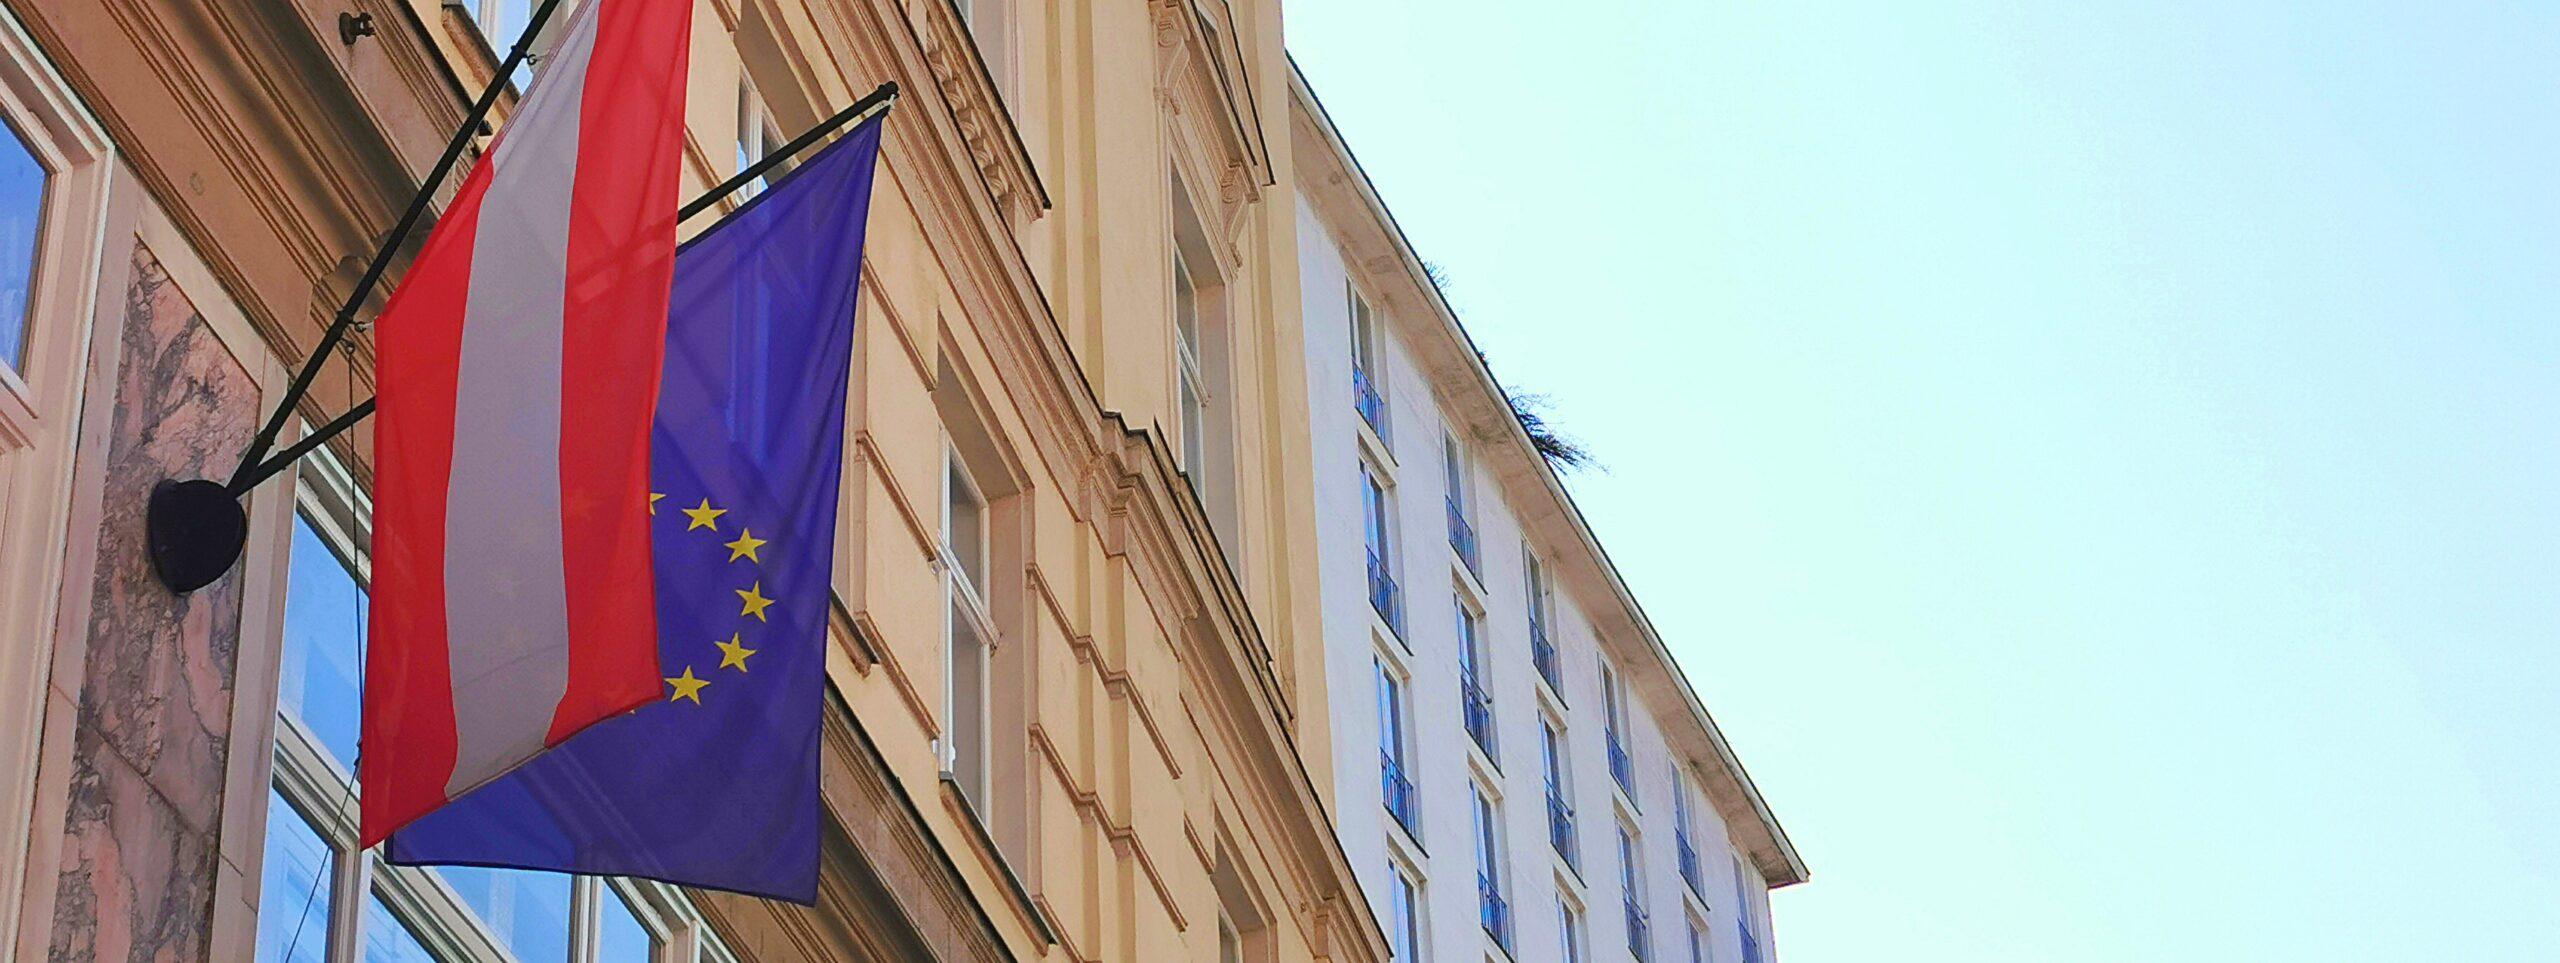 EU-Klimapaket und die österreichische Klimapolitik